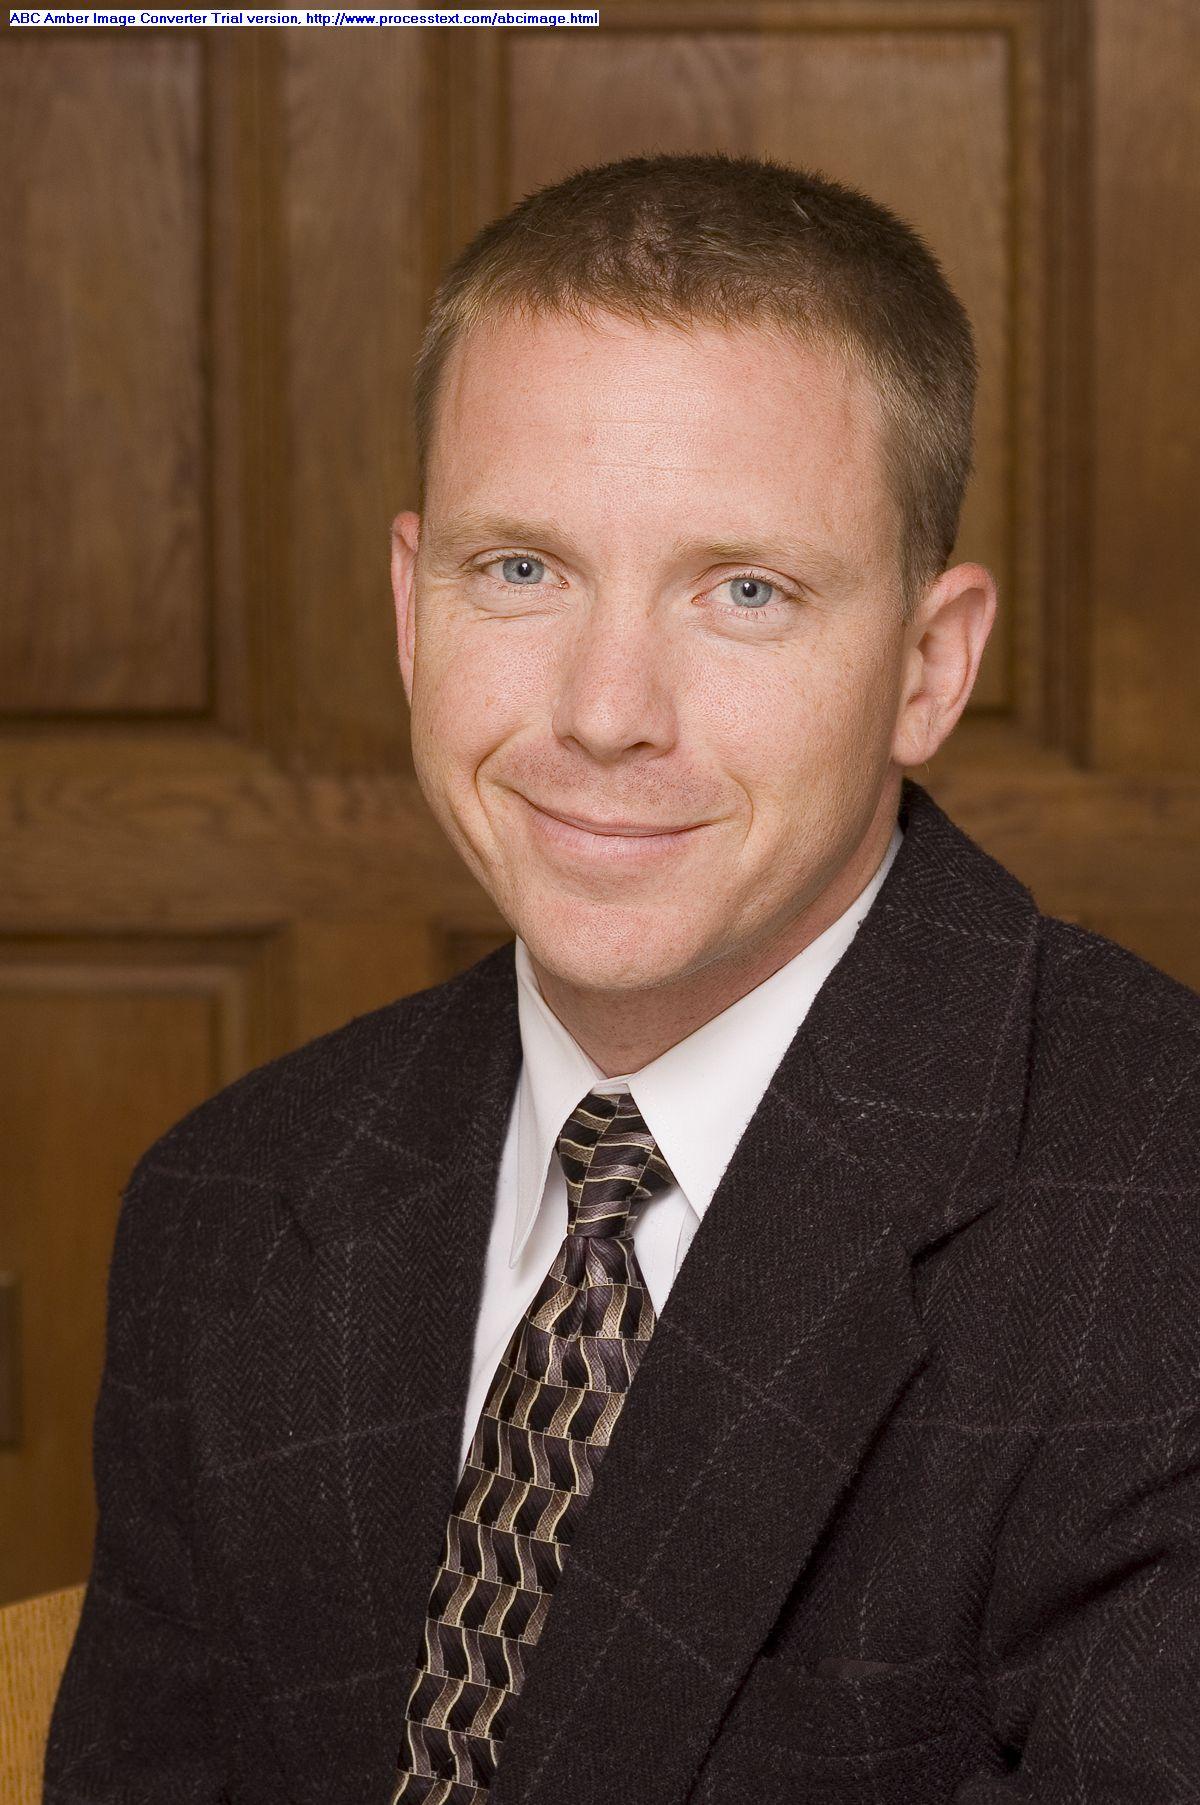 Anthony Schutz